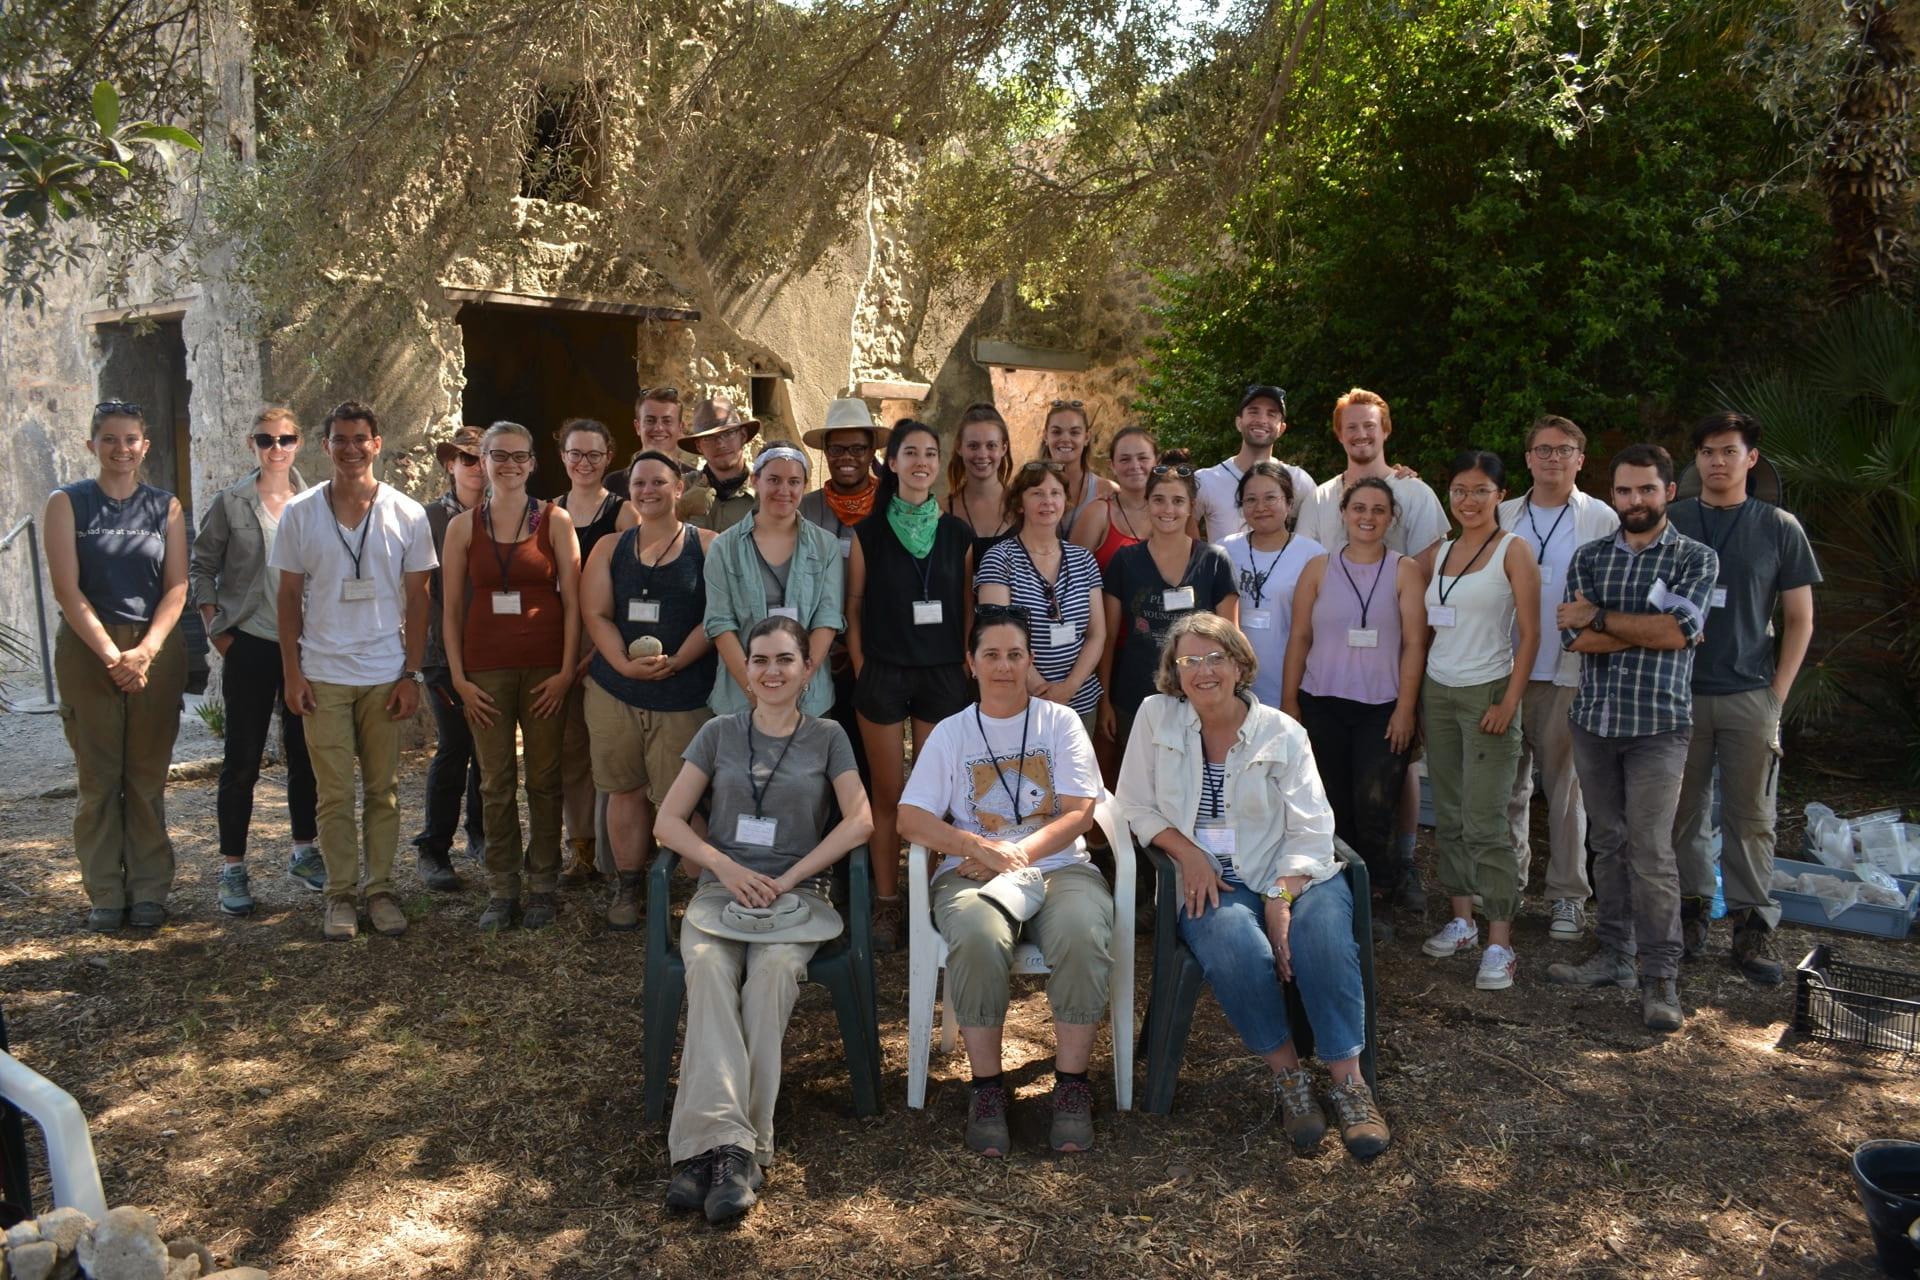 The 2019 CRC team onsite at Pompeii (Photo: Danielle Vander Horst)